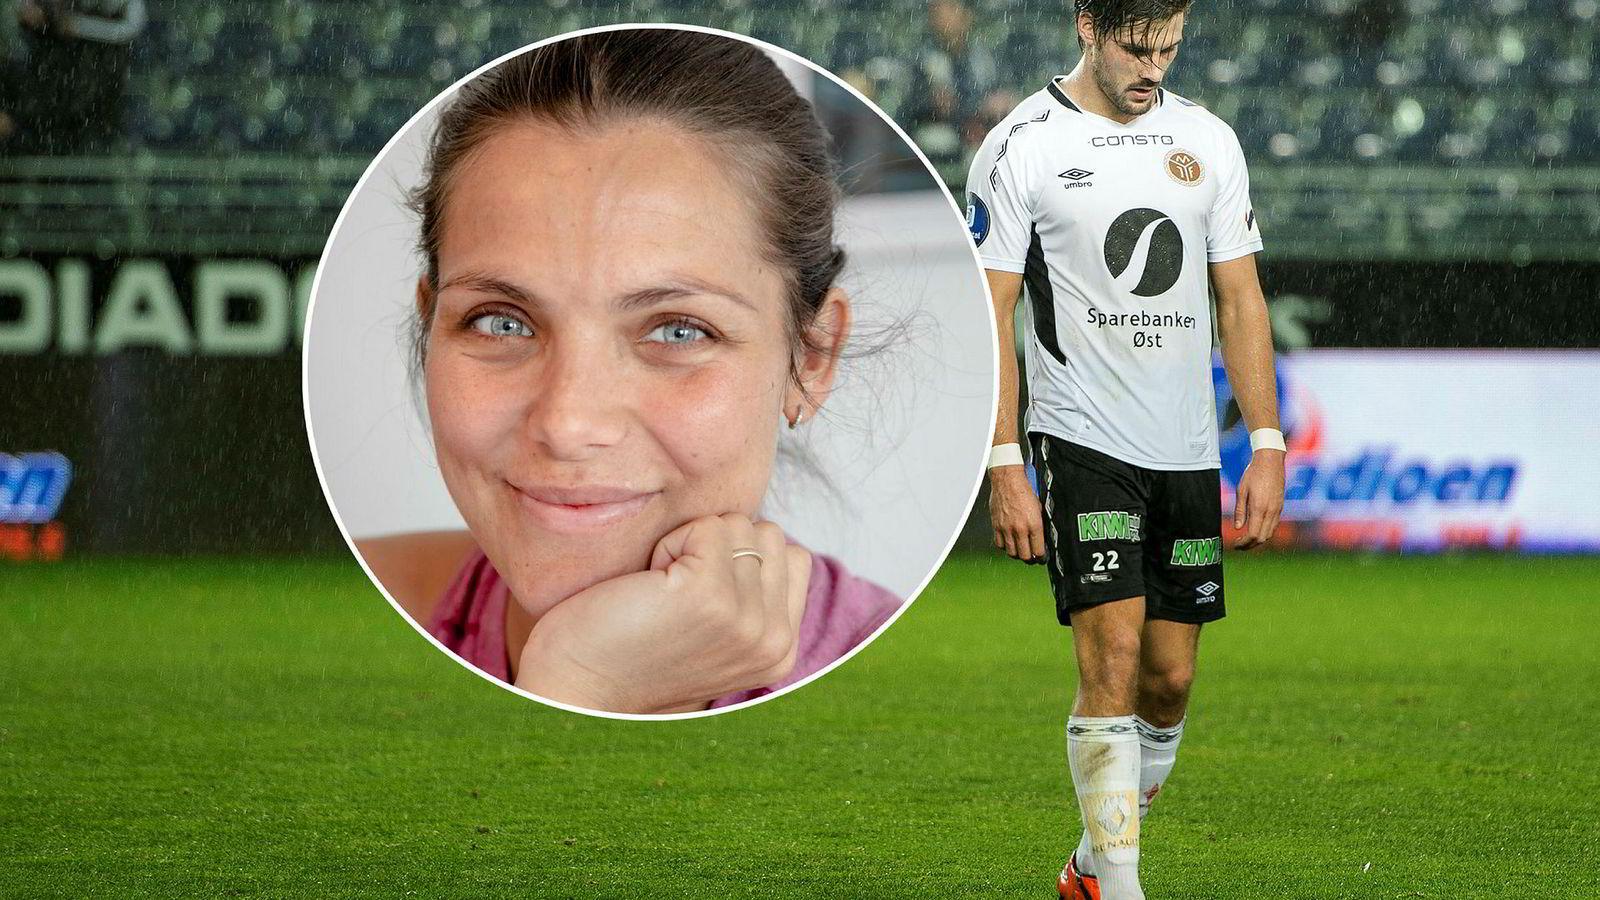 Bloggeren Jørgine «Funkygine» Vasstrand og fotballspiller Morten Sundli på Ullensaker Kisa trodde leiligheten var invadert av sølvkre, ikke skjeggkre.